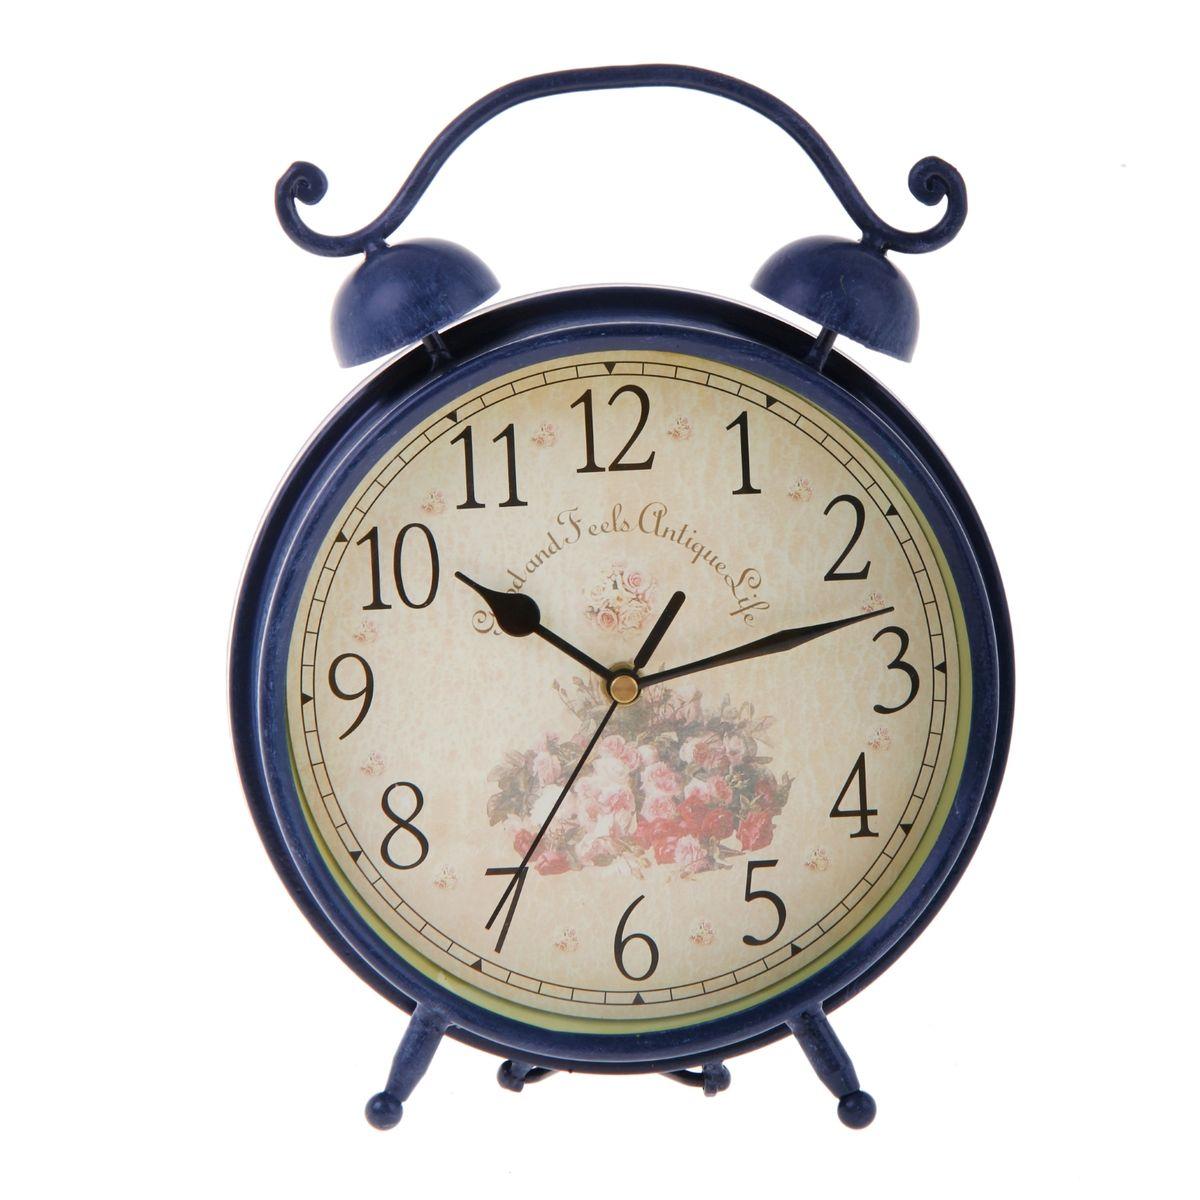 Часы настольные Sima-land, цвет: синий. 670128670128Настольные часы Sima-land станут оригинальным элементом декора в доме или офисе. Часы, изготовленные из высококачественного металла и стекла, выполнены в виде будильника. Циферблат круглой формы, имеет крупные арабские цифры. Часы имеют три стрелки - часовую, минутную и секундную. Изделие располагается на металлических ножках. Настольные часы Sima-land станут не только оригинальным украшением стола, но и прекрасным подарком, который обязательно понравится получателю. Часы работают от одной батарейки с напряжением 1,5 V (в комплект не входит). Диаметр циферблата: 18,5 см. Общий размер часов: 20 см х 7,5 см х 26,5 см.